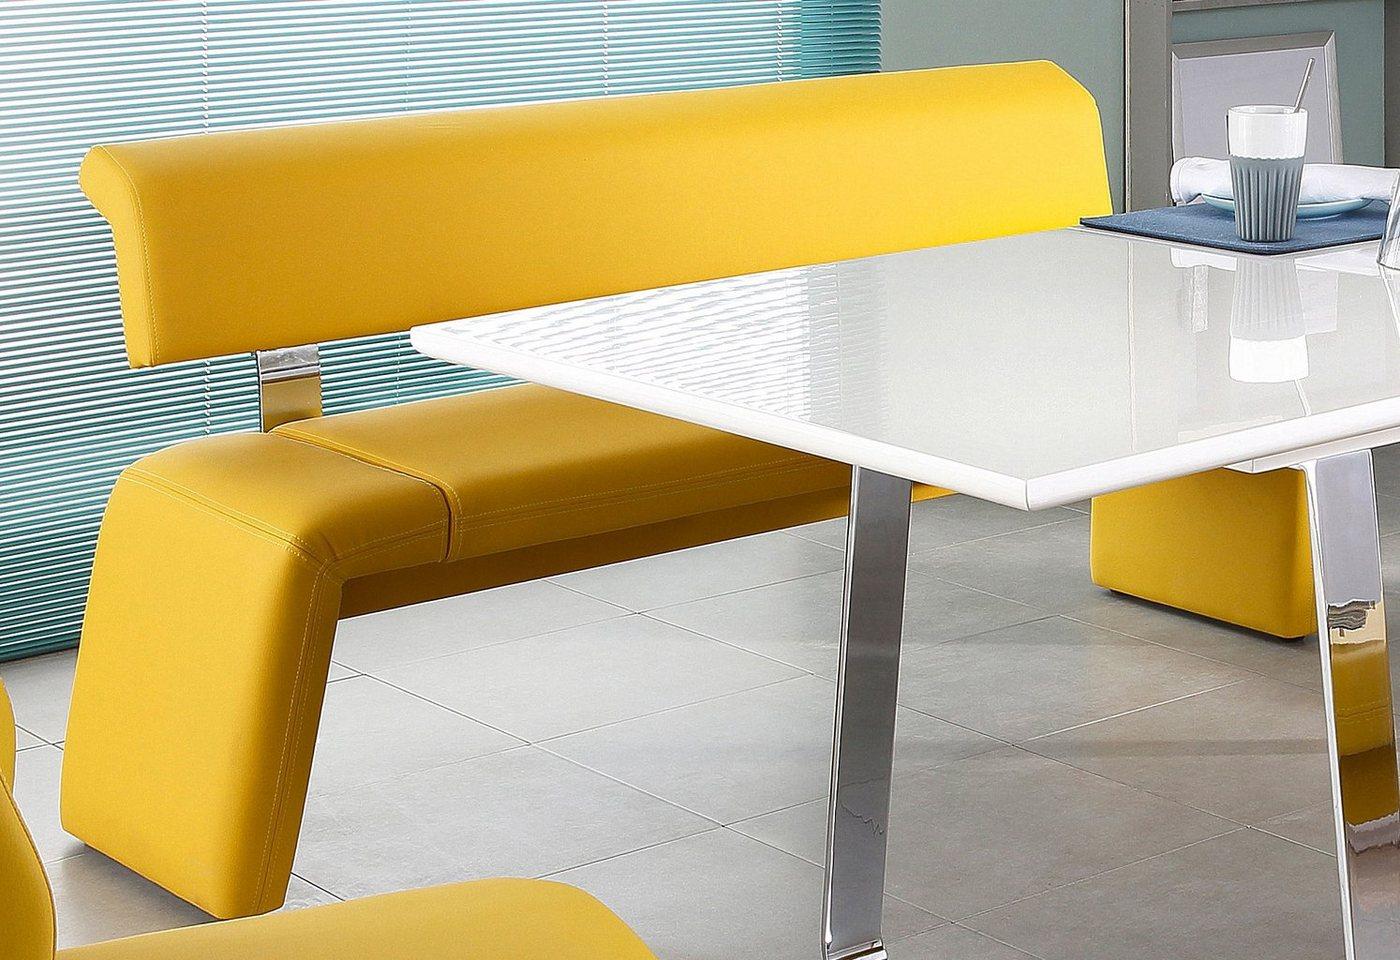 gepolsterte sitzbank mit r ckenlehne preisvergleiche. Black Bedroom Furniture Sets. Home Design Ideas